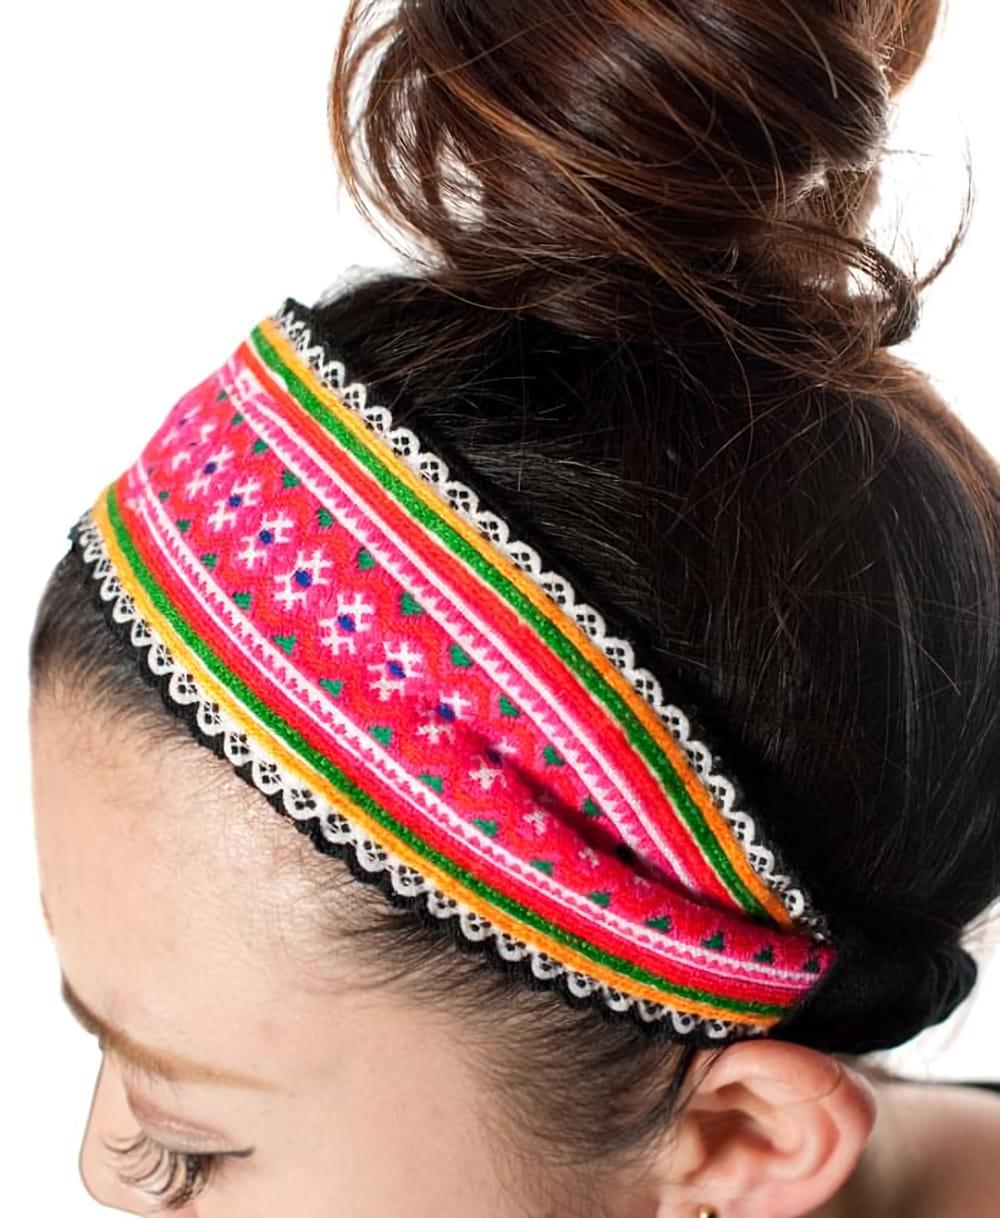 モン族の手作りカラフル刺繍ヘアバンド【1点アソート】 3 - 手作りのあたたかい風合いがあります。